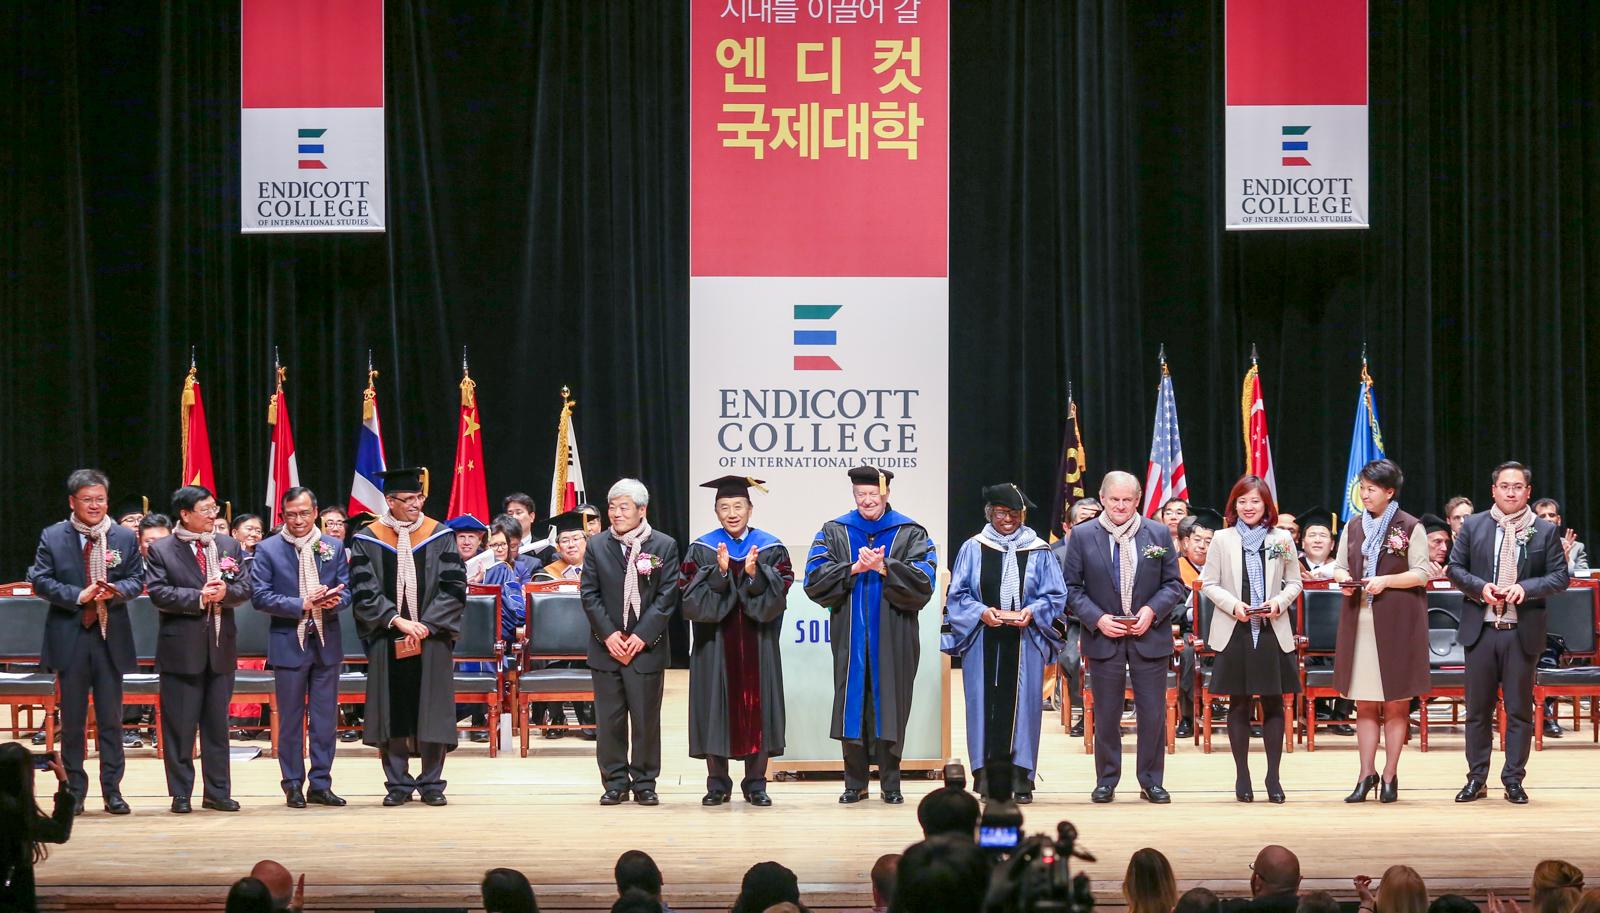 엔디컷국제대학 개원 선포식